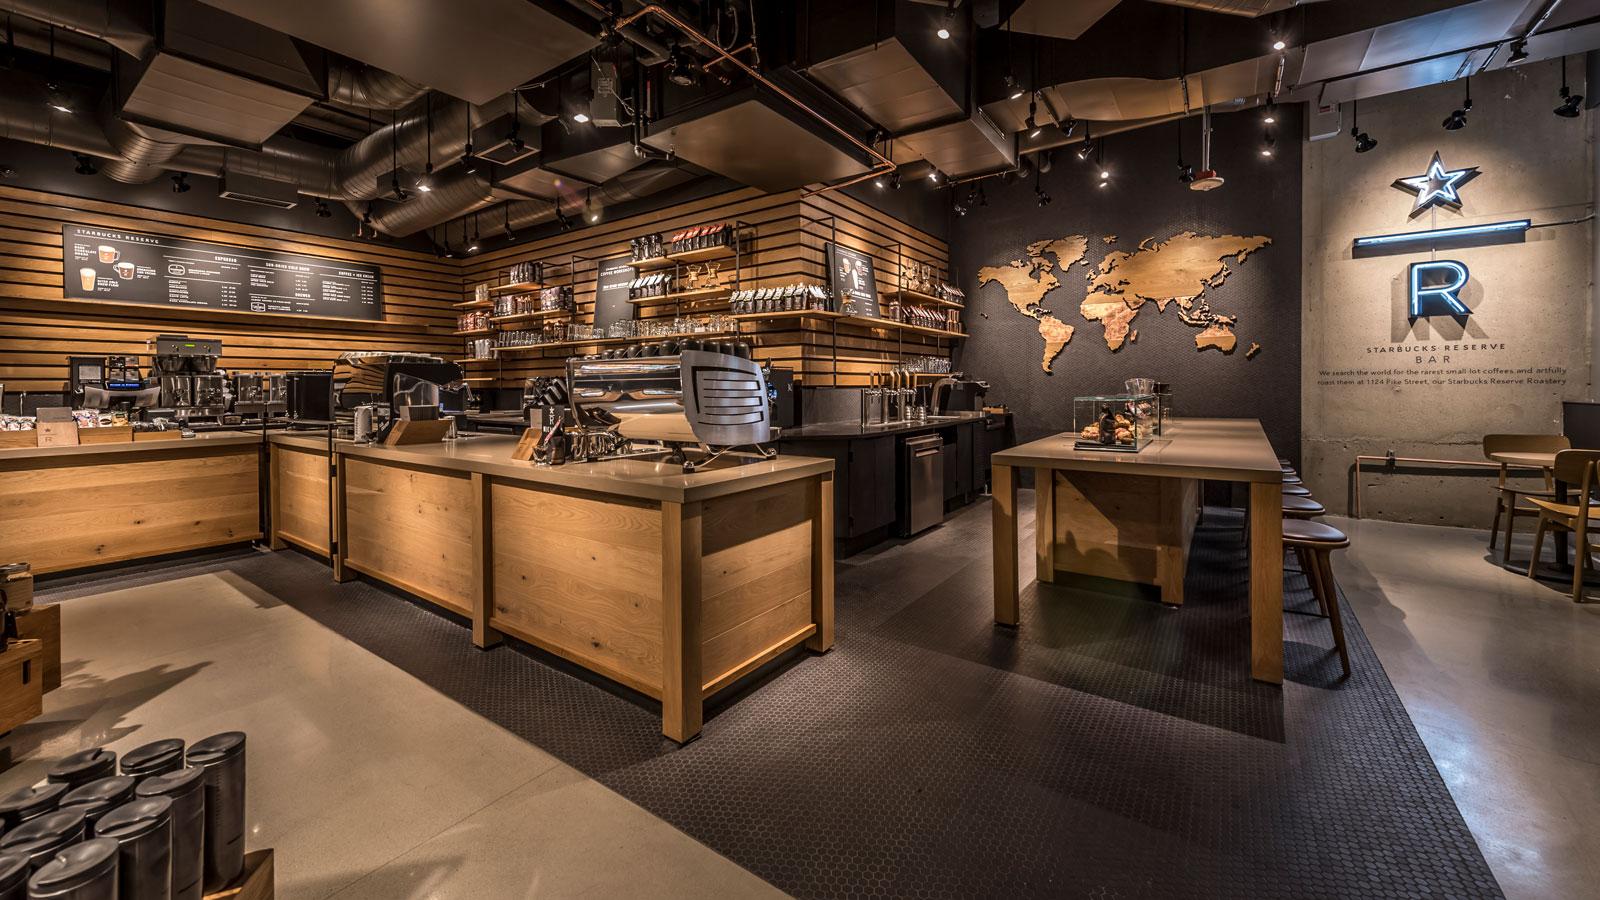 Roastery, Reserve Bar, Regular Starbucks: What's the Difference? starbucks-store-explainer-7-XL-BLOG1218